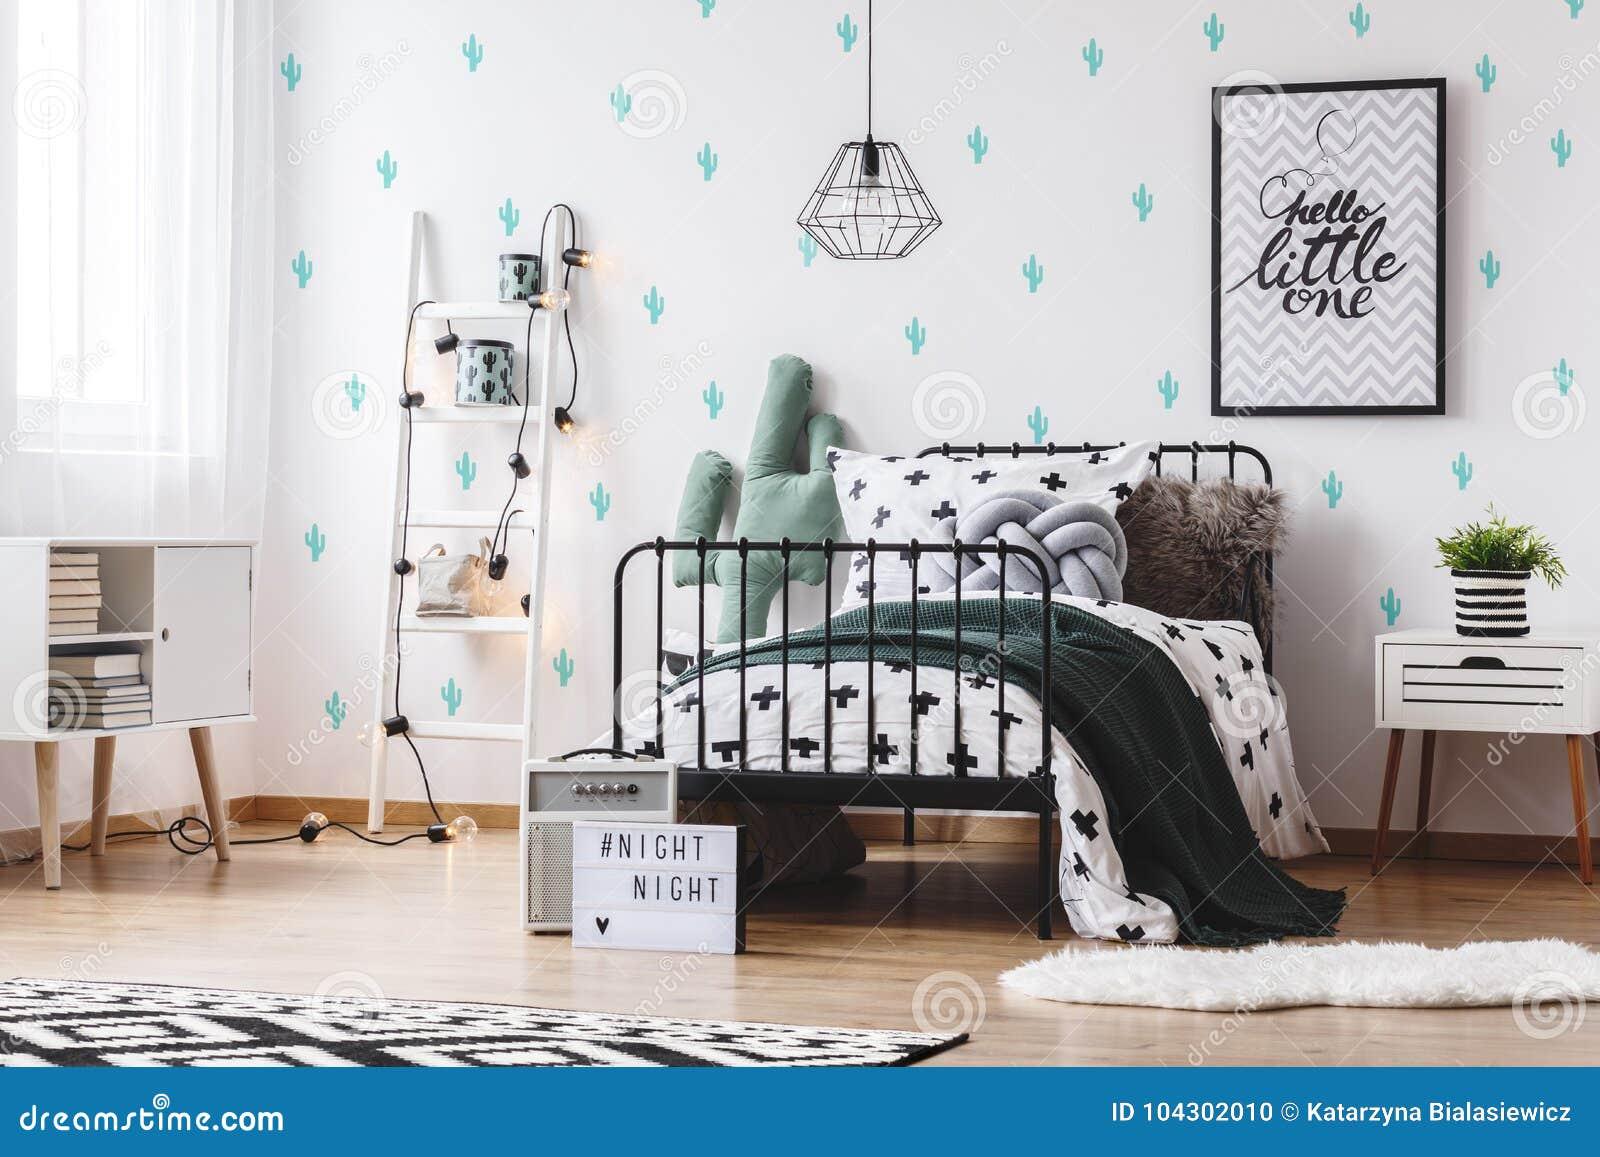 Leuk Behang Slaapkamer : Slaapkamer met leuk cactusbehang stock foto afbeelding bestaande